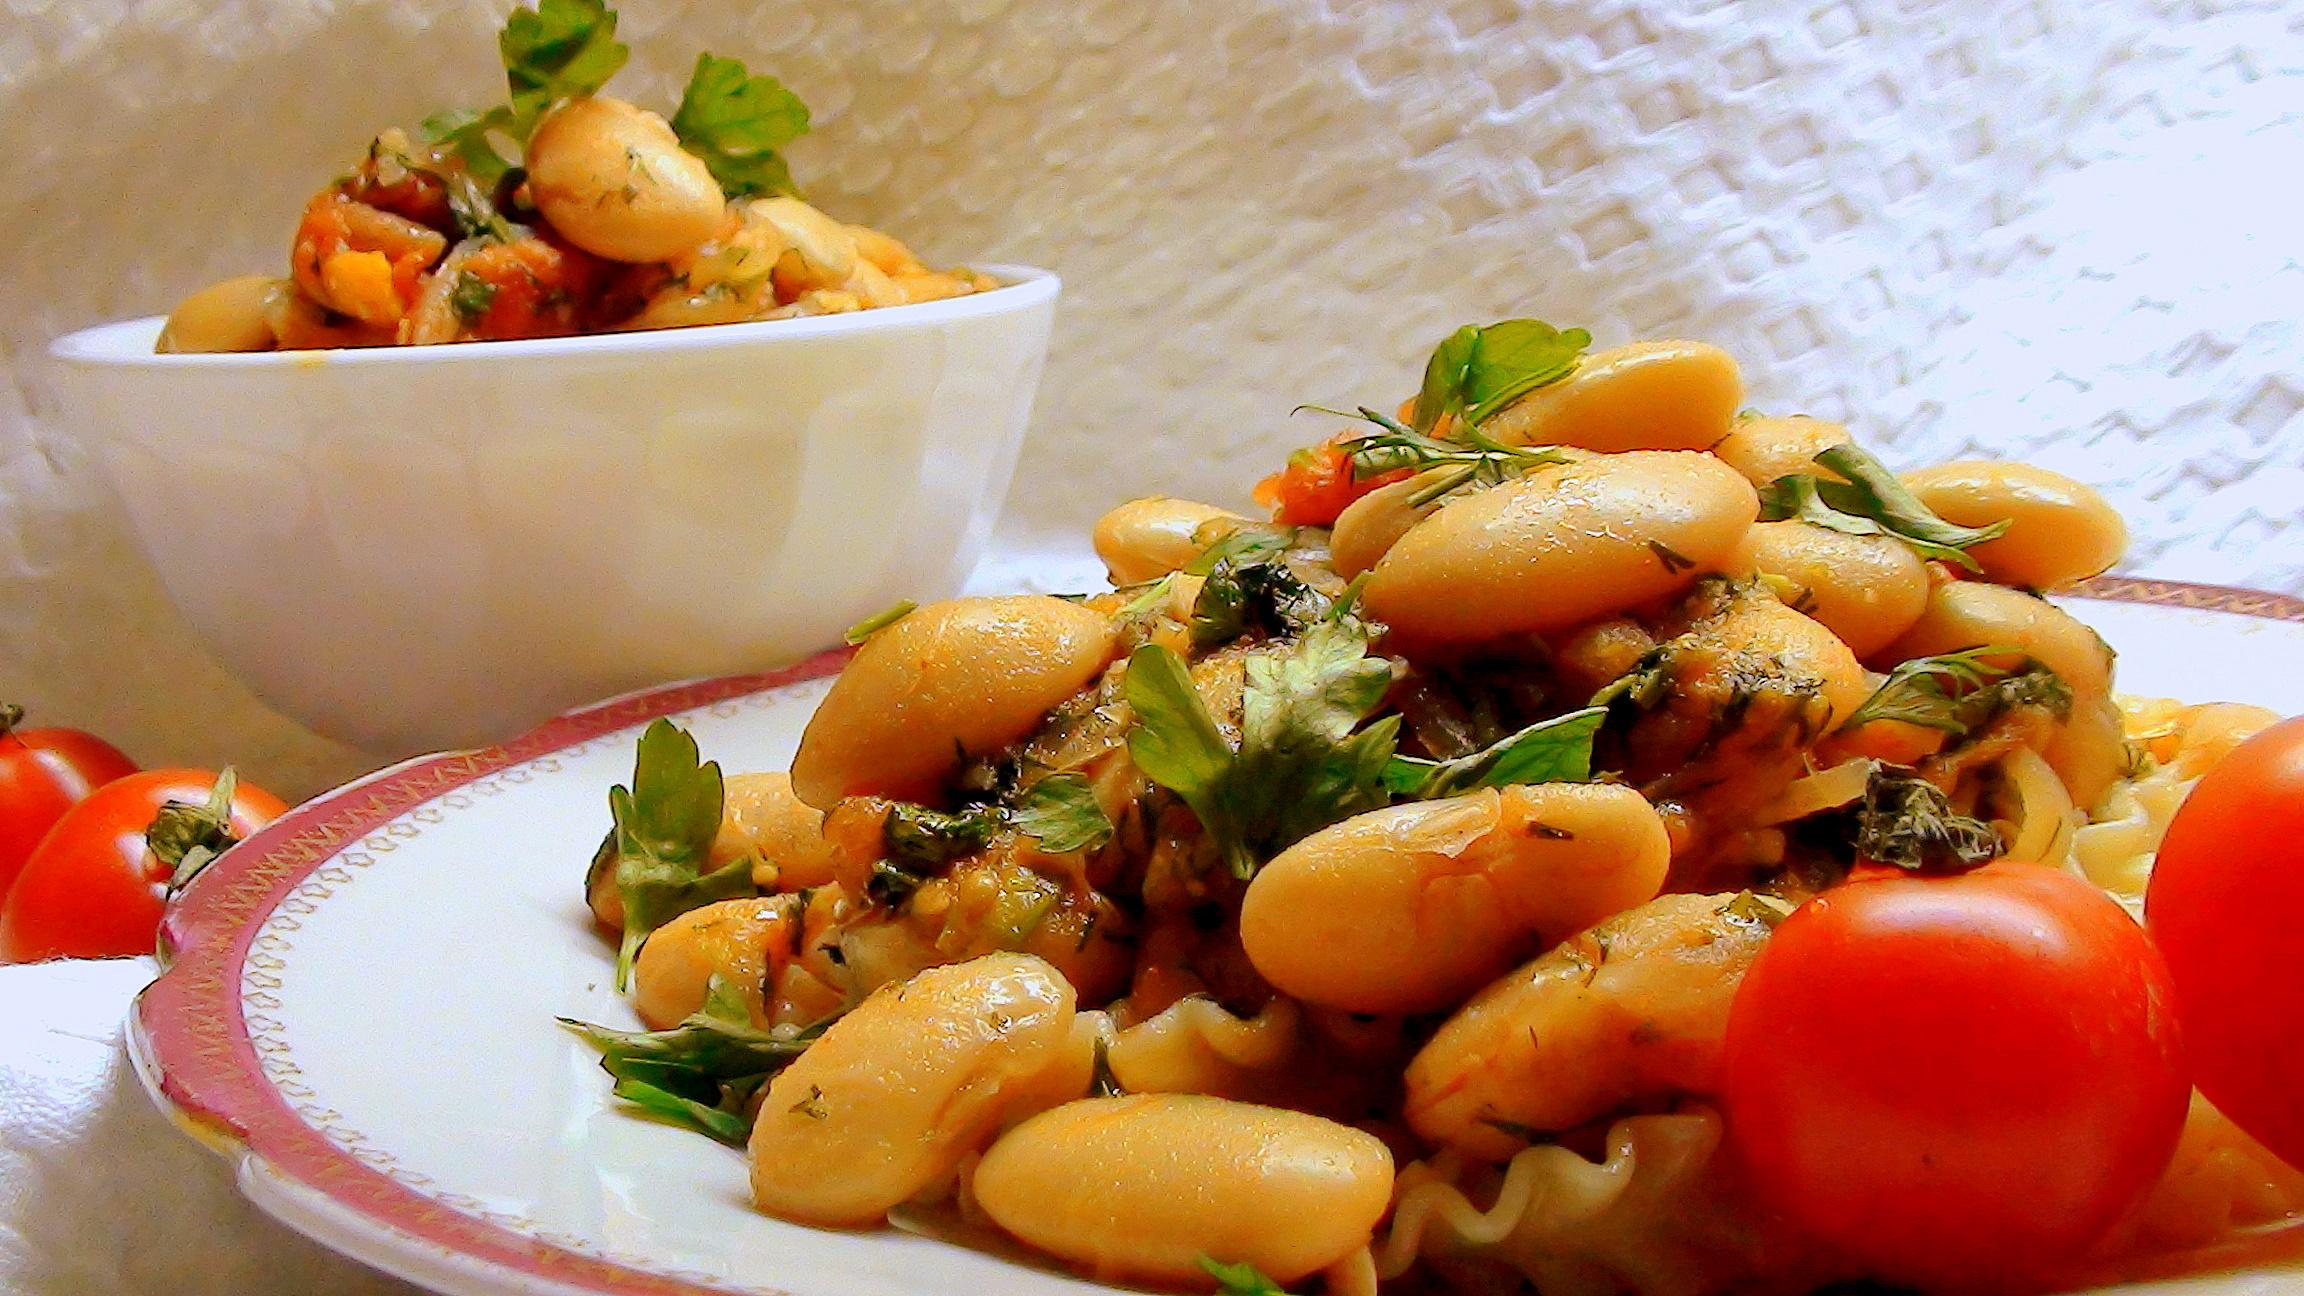 Аппетитное постное блюдо, приготовленное из простых продуктов